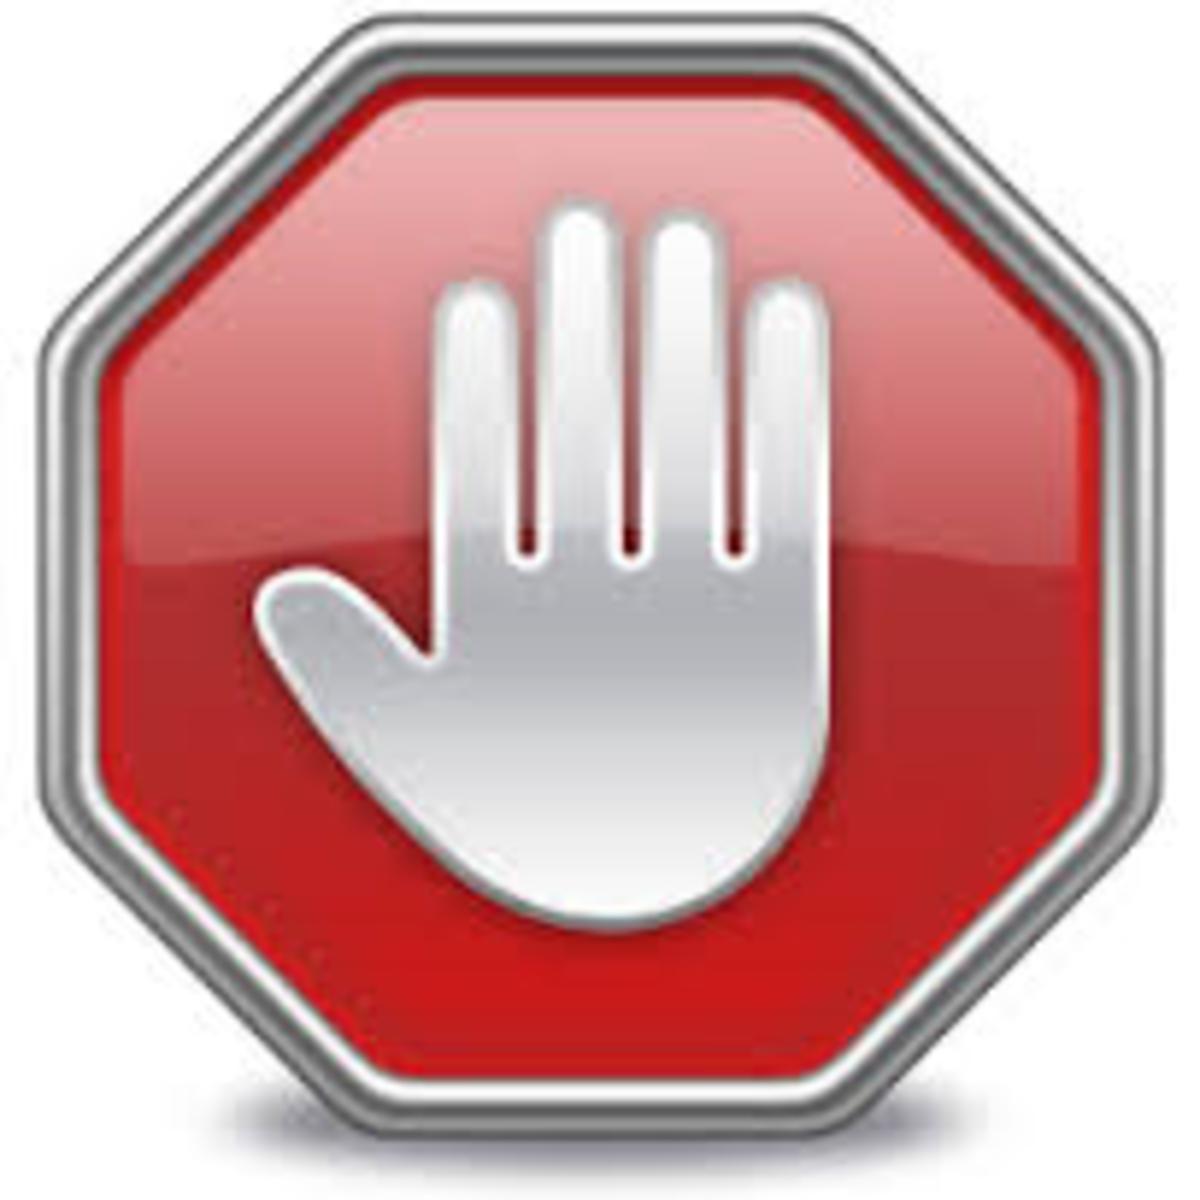 Don't buy Motorola SB6141 or SB6121 when...